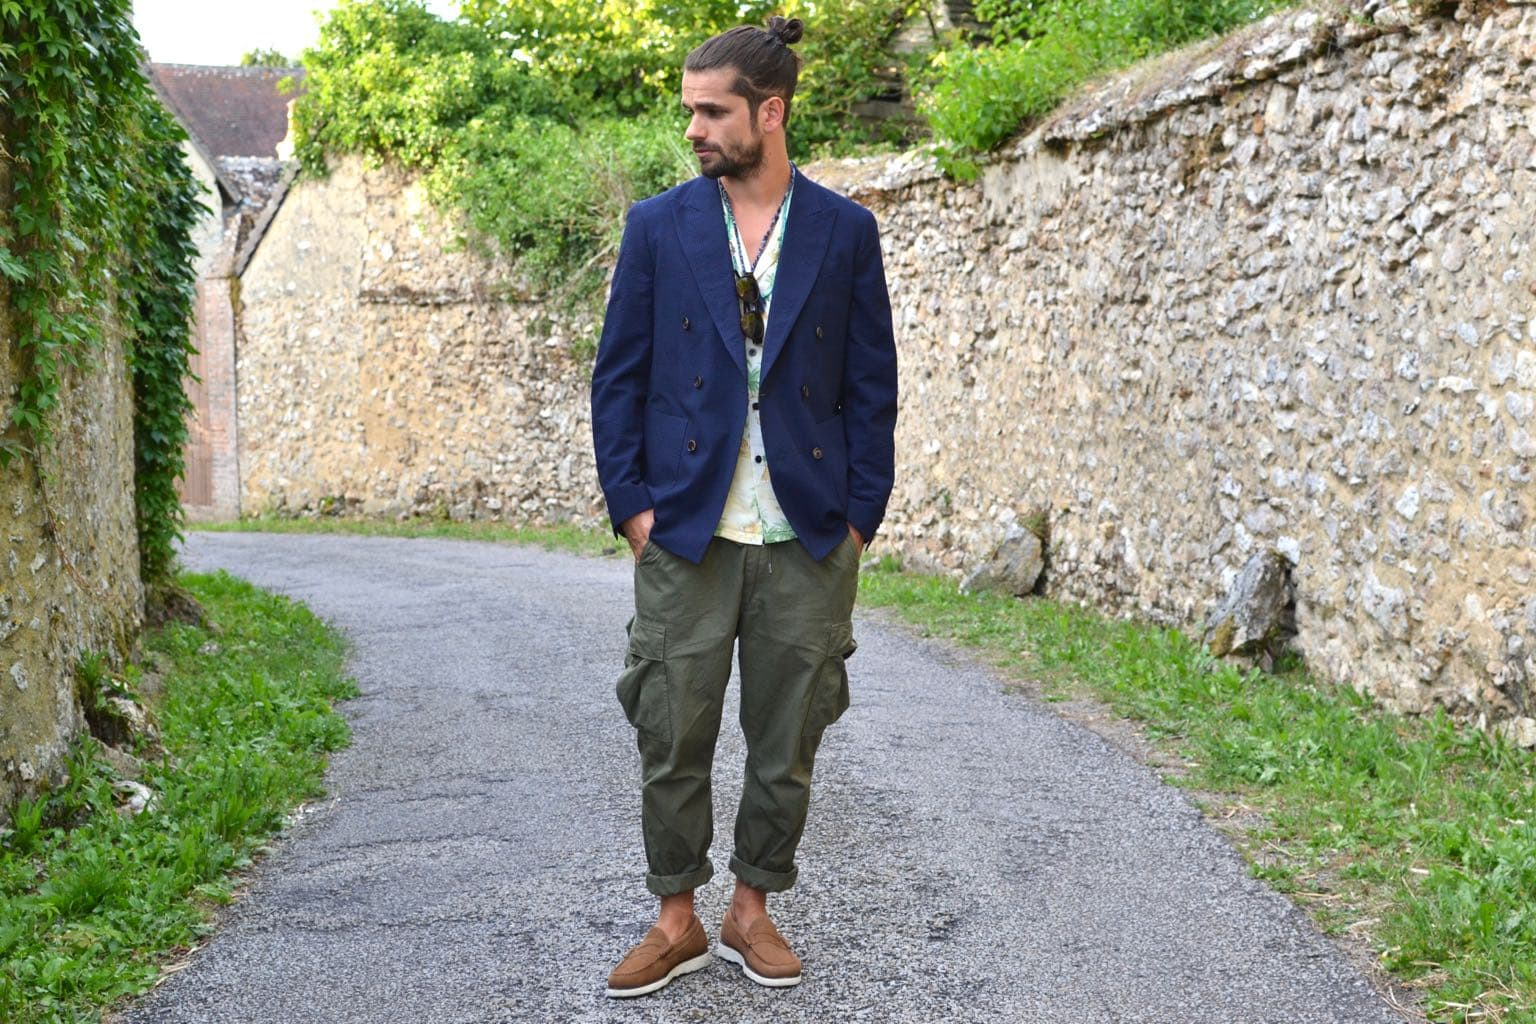 comment porter un blazer croisé destructuré bonnegueule dans un style homme été street heritage